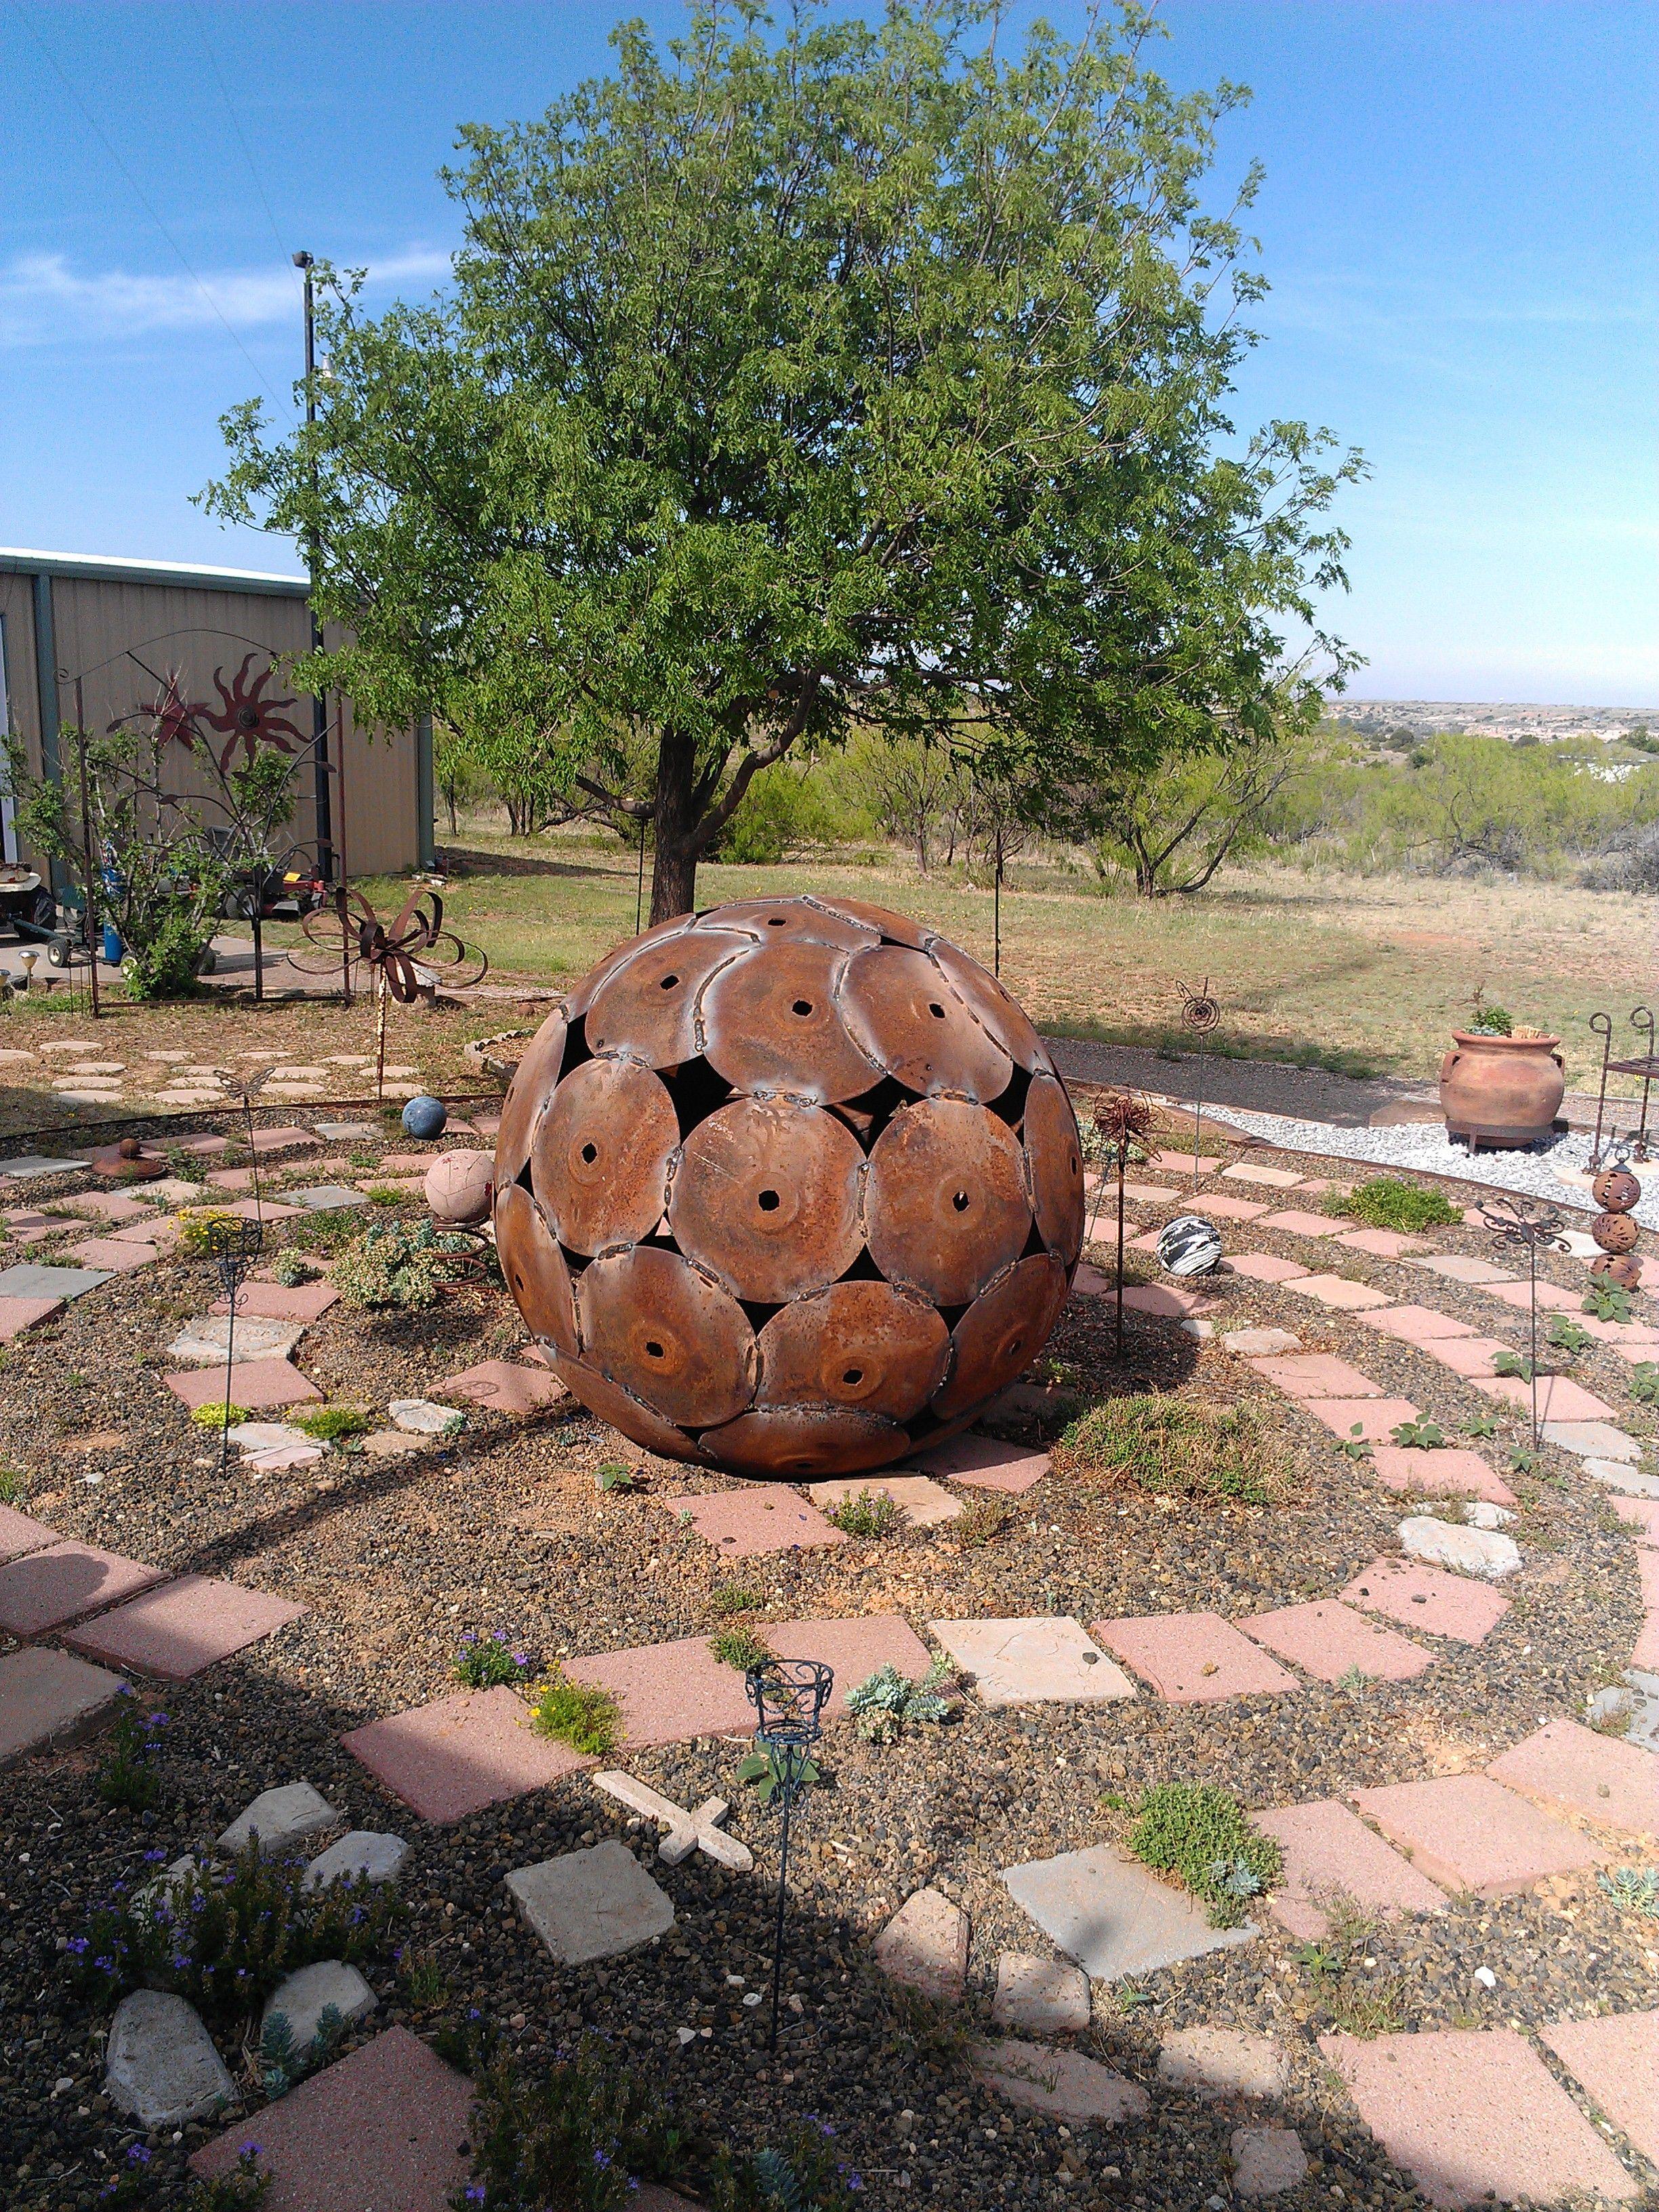 rusty art-farm equipment/garden ball from plow discs | made it ...